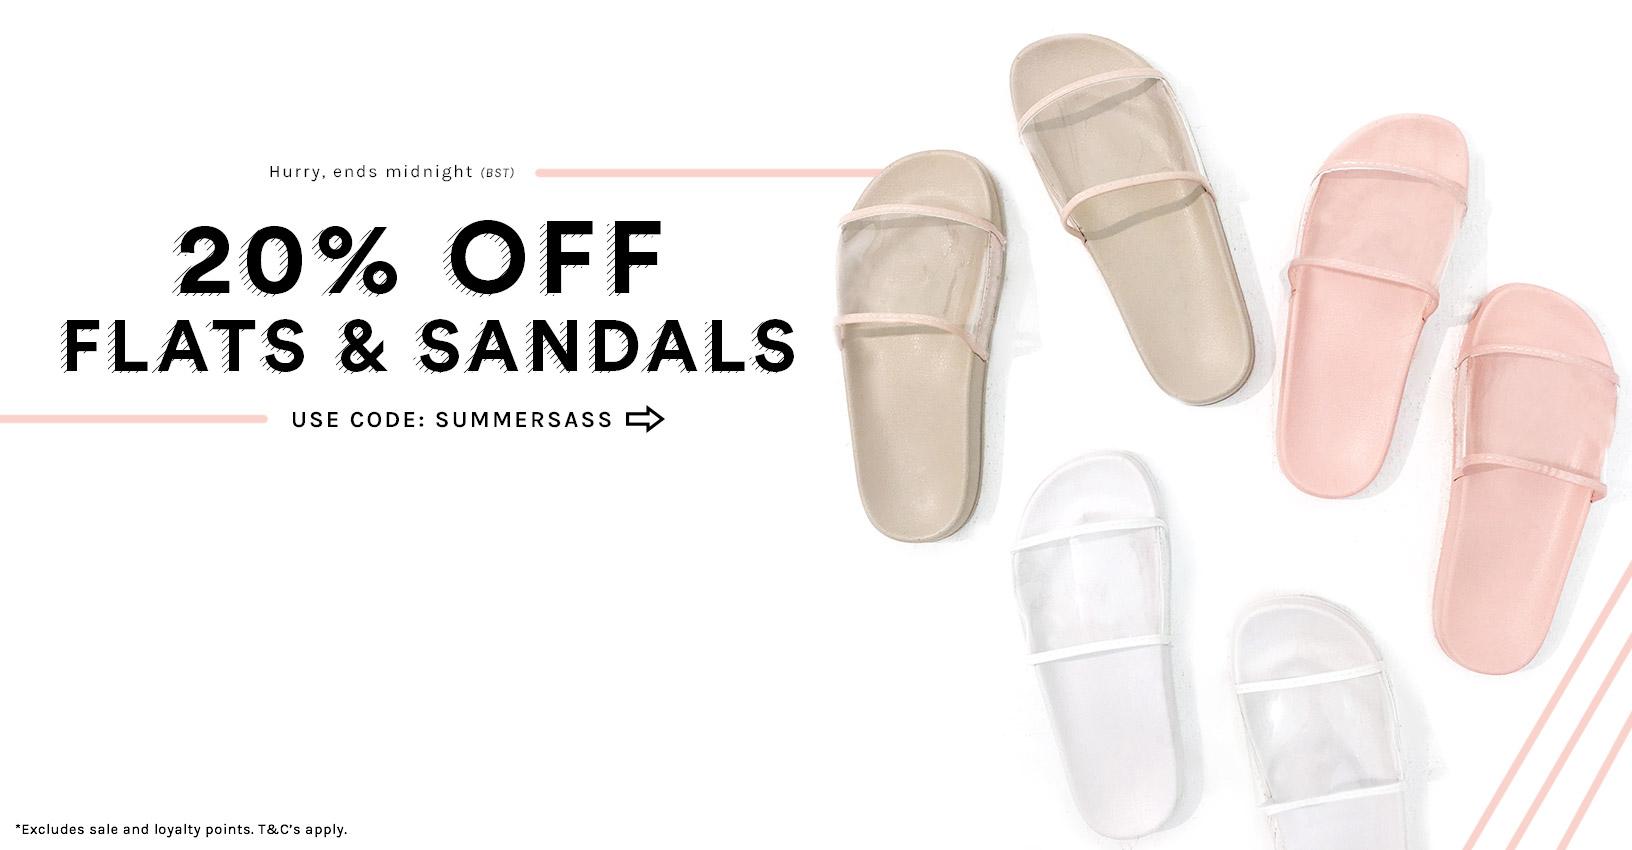 Public Desire Public Desire: 20% off flats and sandals